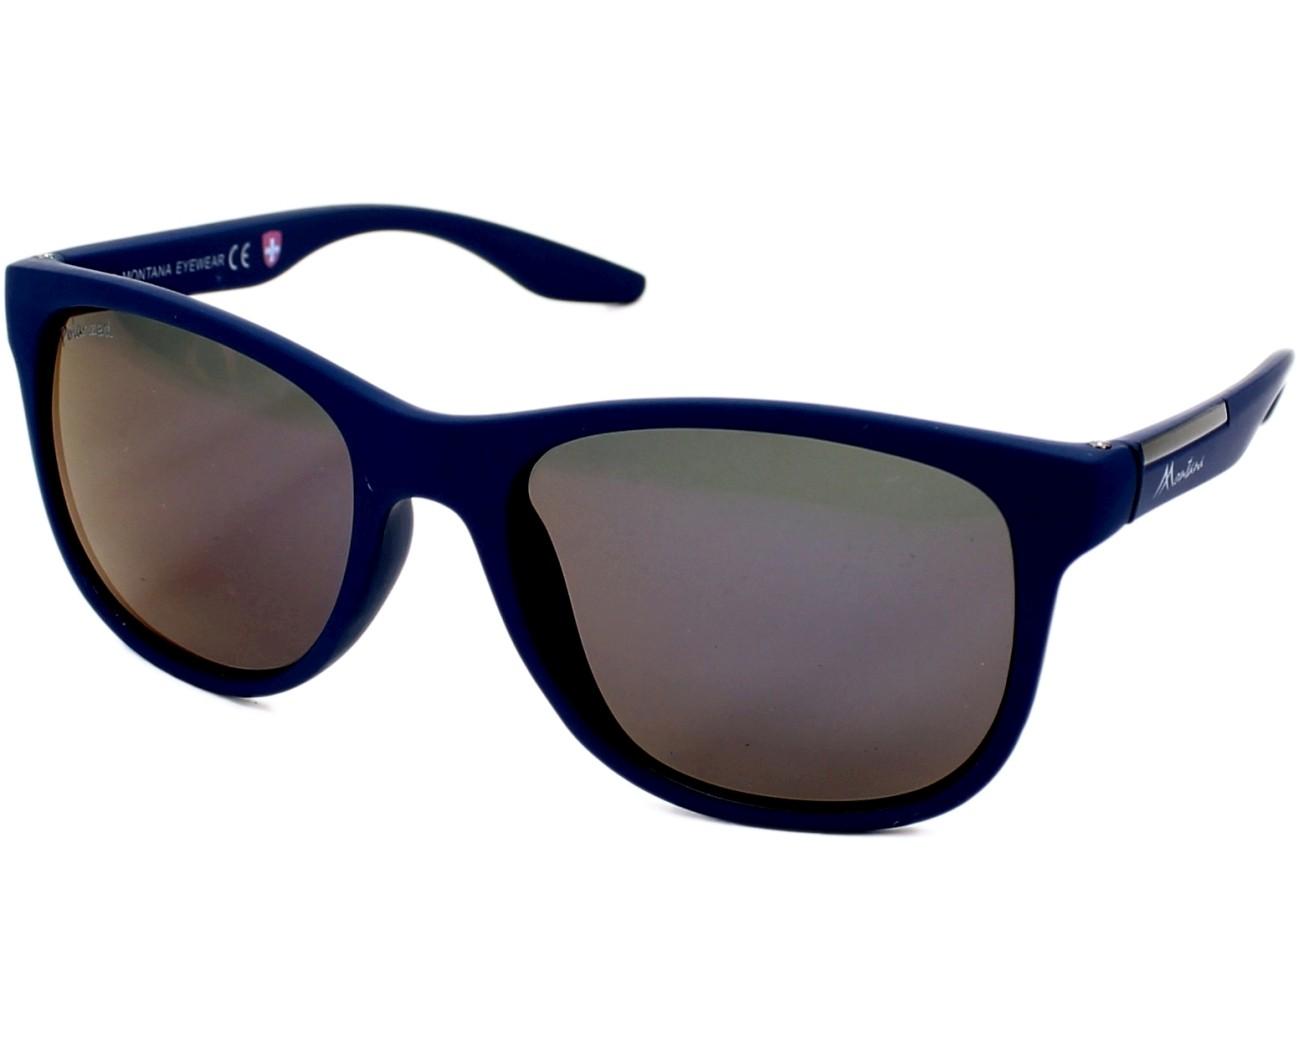 lunettes de soleil montana ms 313 e bleu avec des verres gris. Black Bedroom Furniture Sets. Home Design Ideas